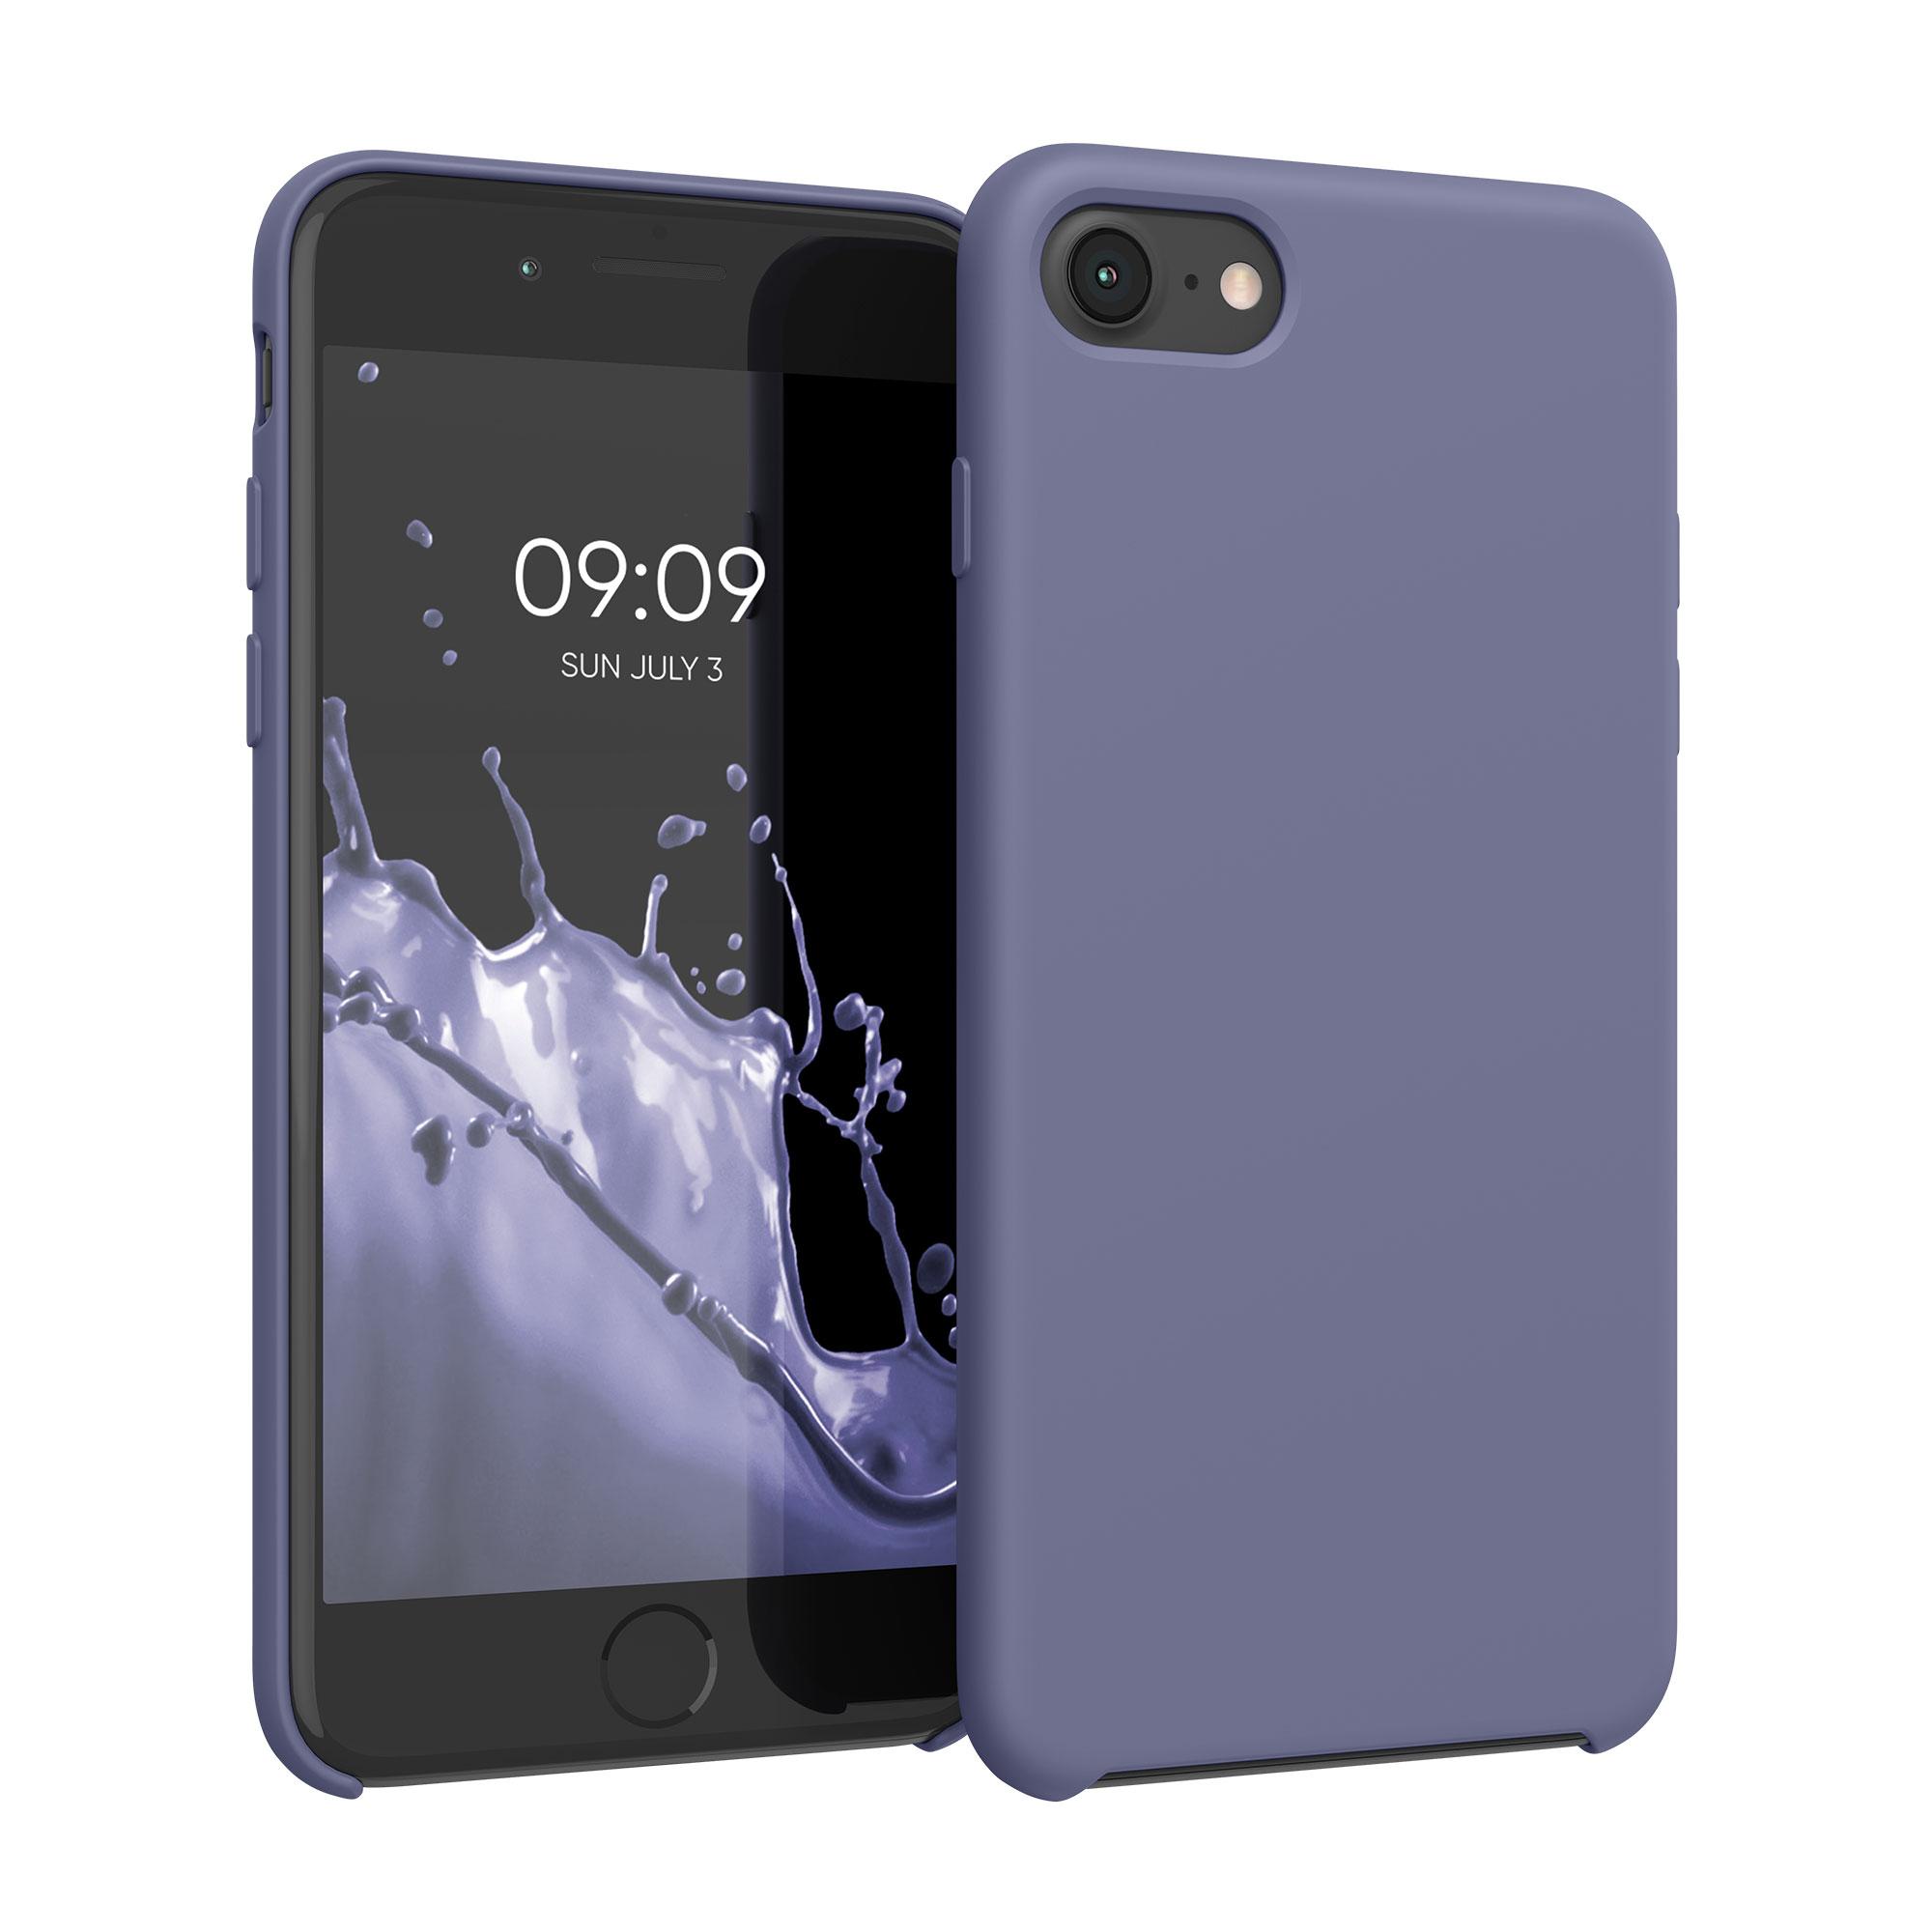 Kvalitní silikonové TPU pouzdro pro Apple iPhone 7 / 8 / SE  - Lavender Gray